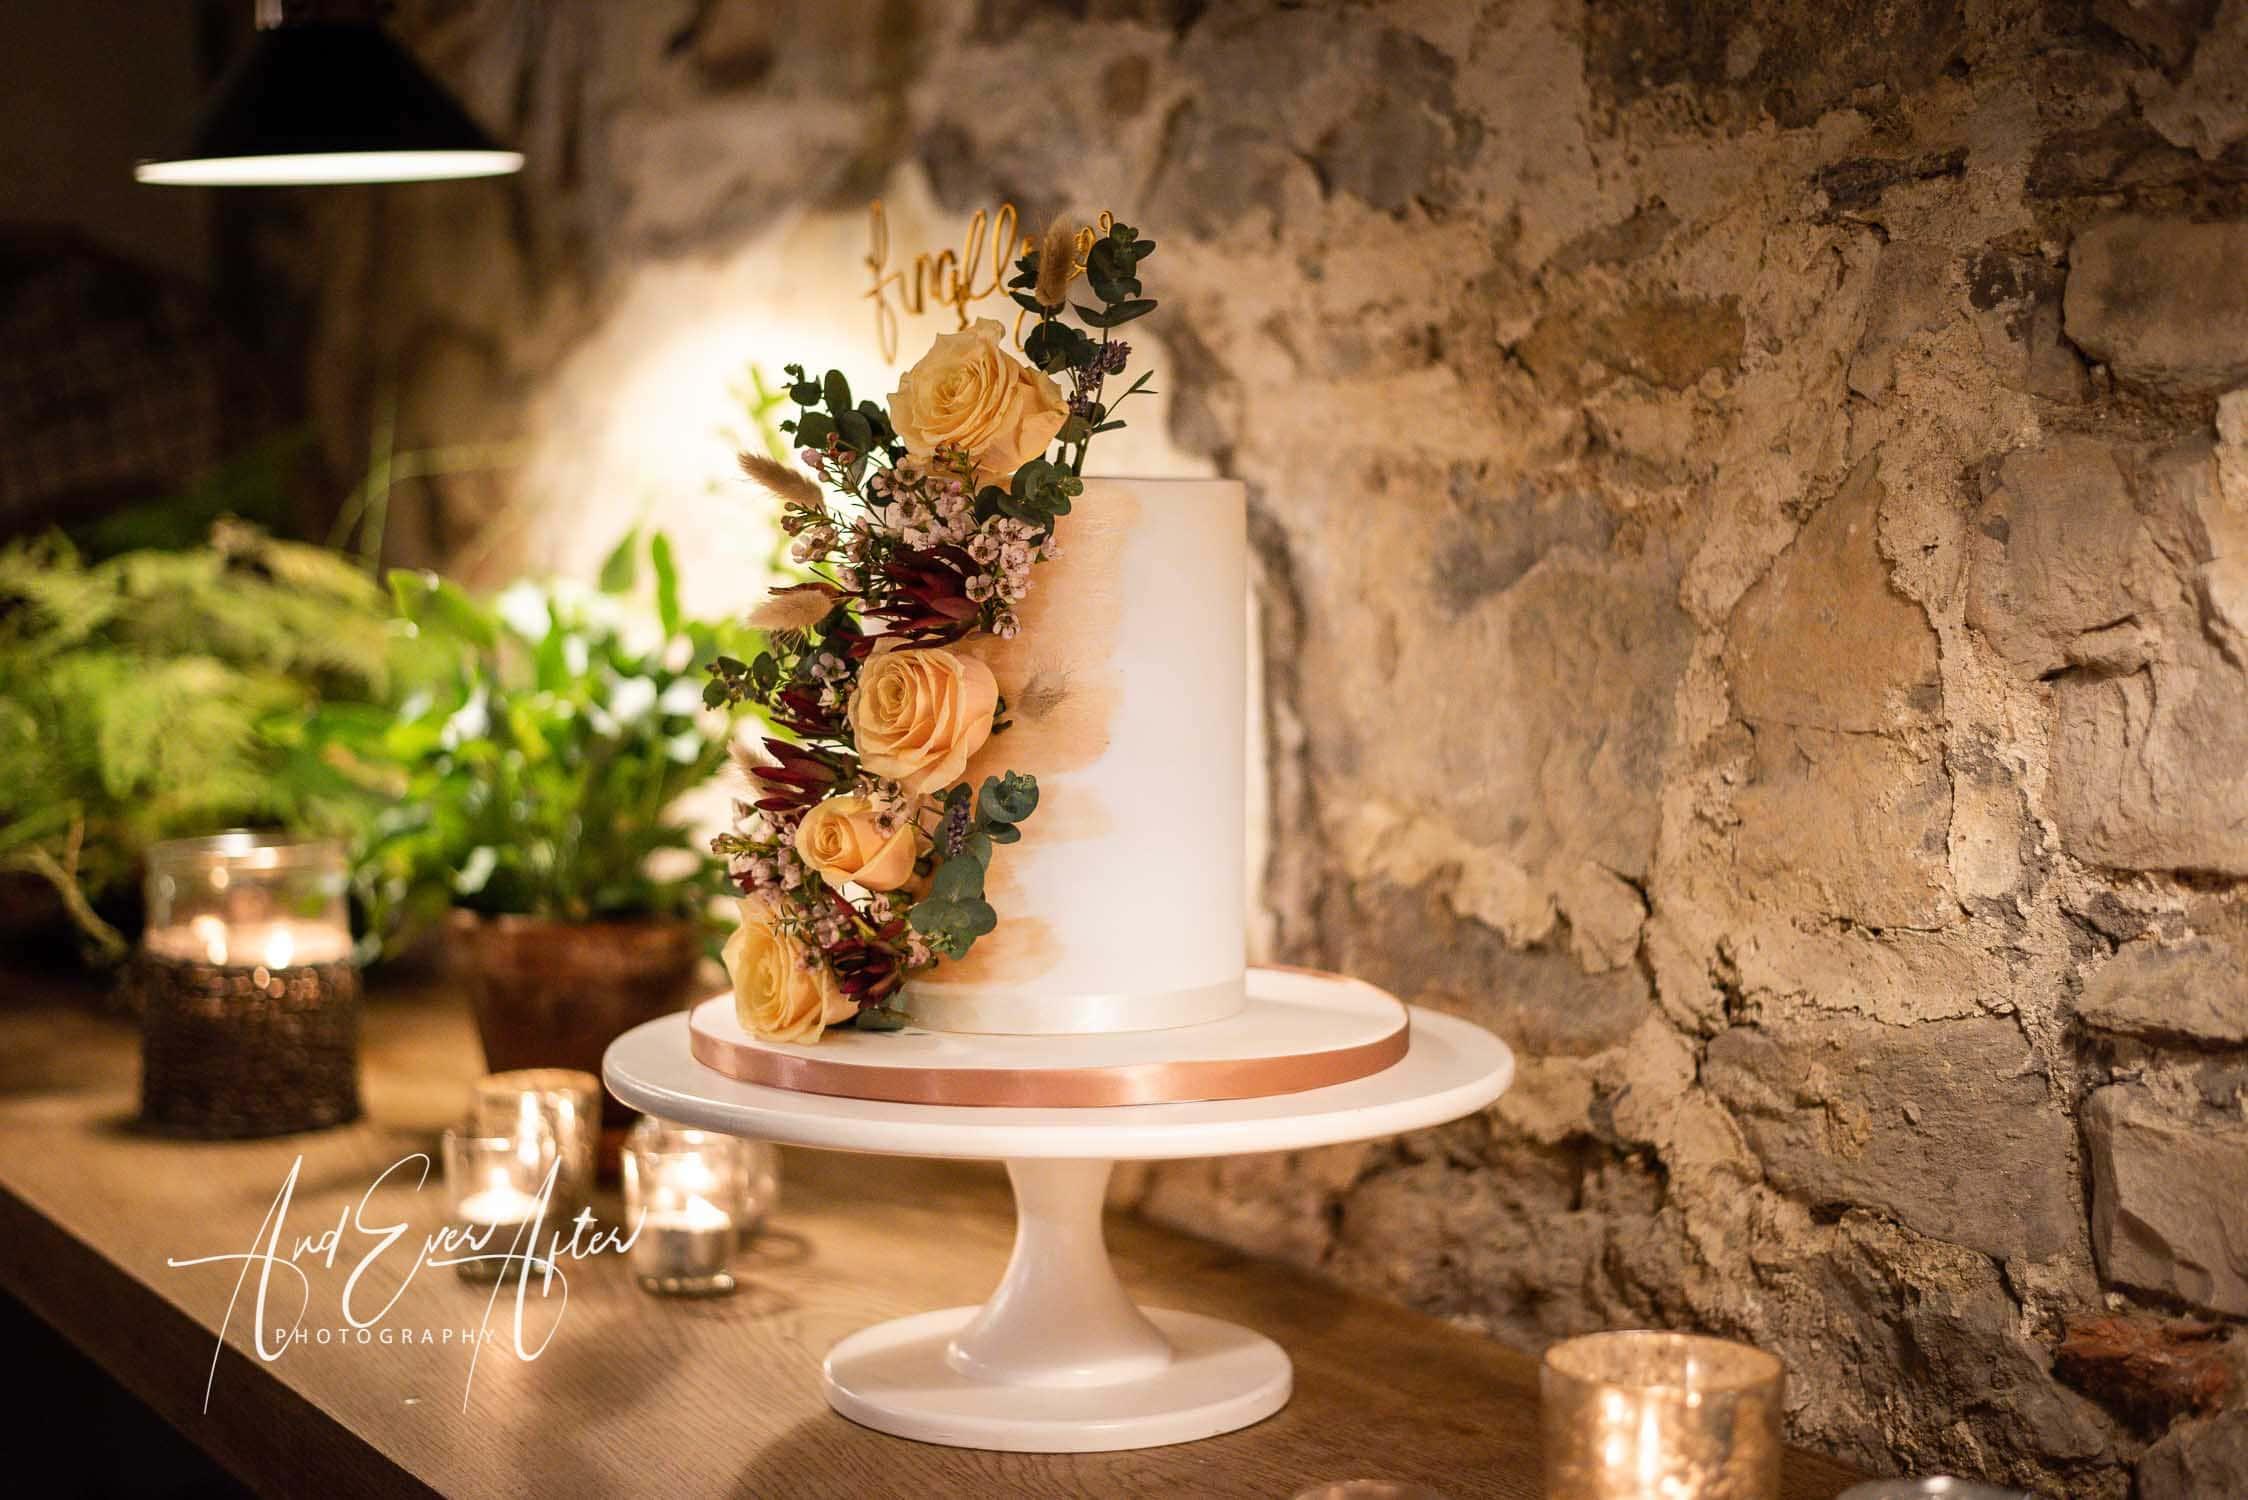 wedding cake at Middleton Lodge